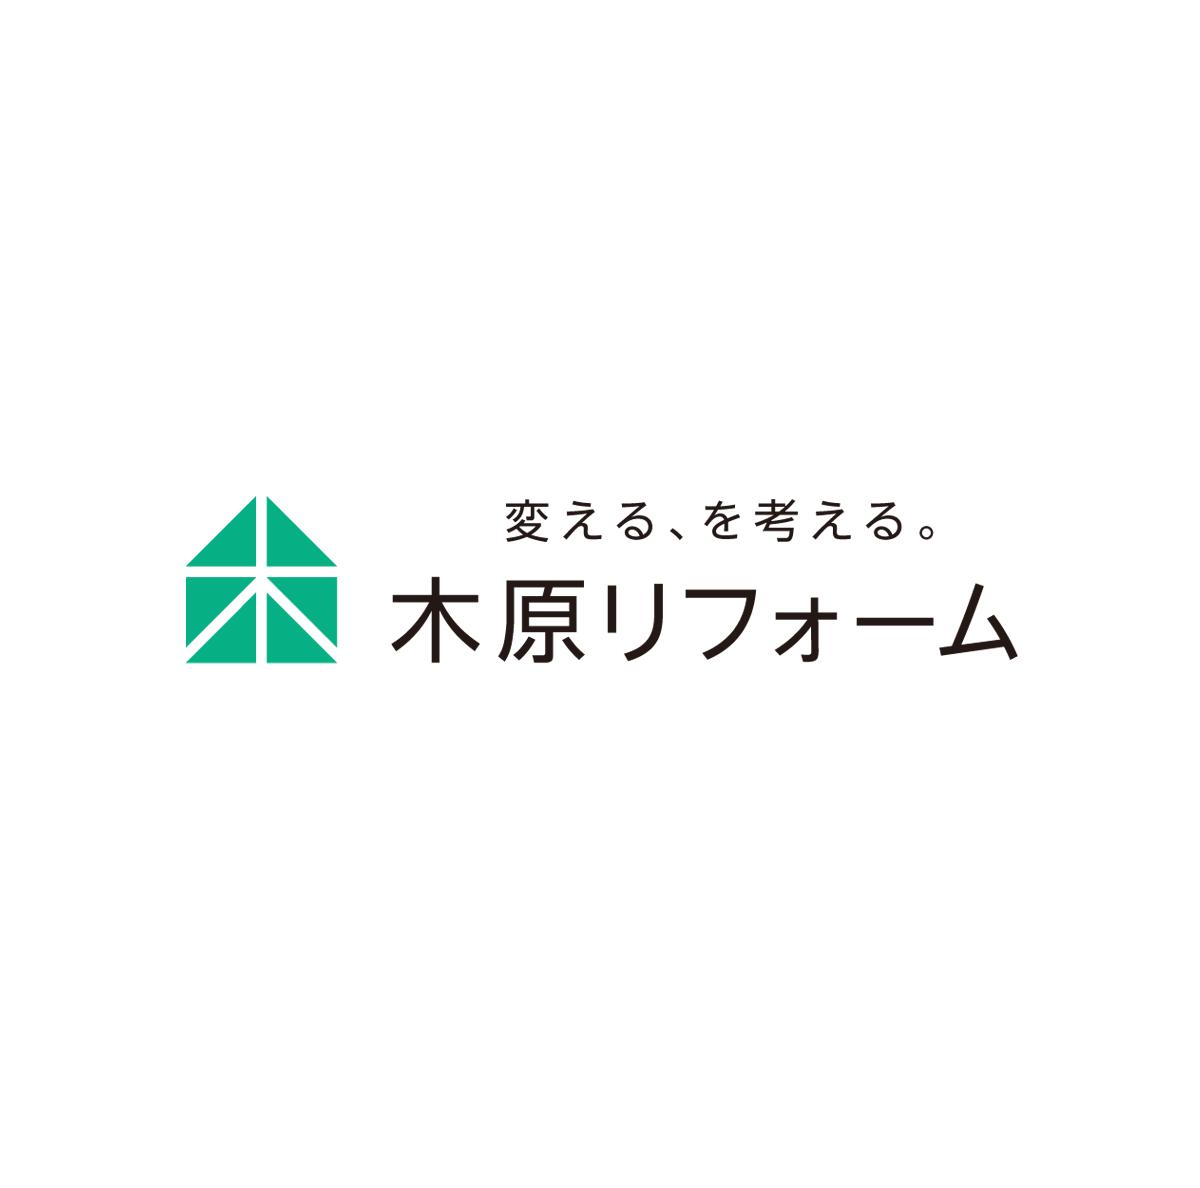 木原リフォーム ロゴマーク